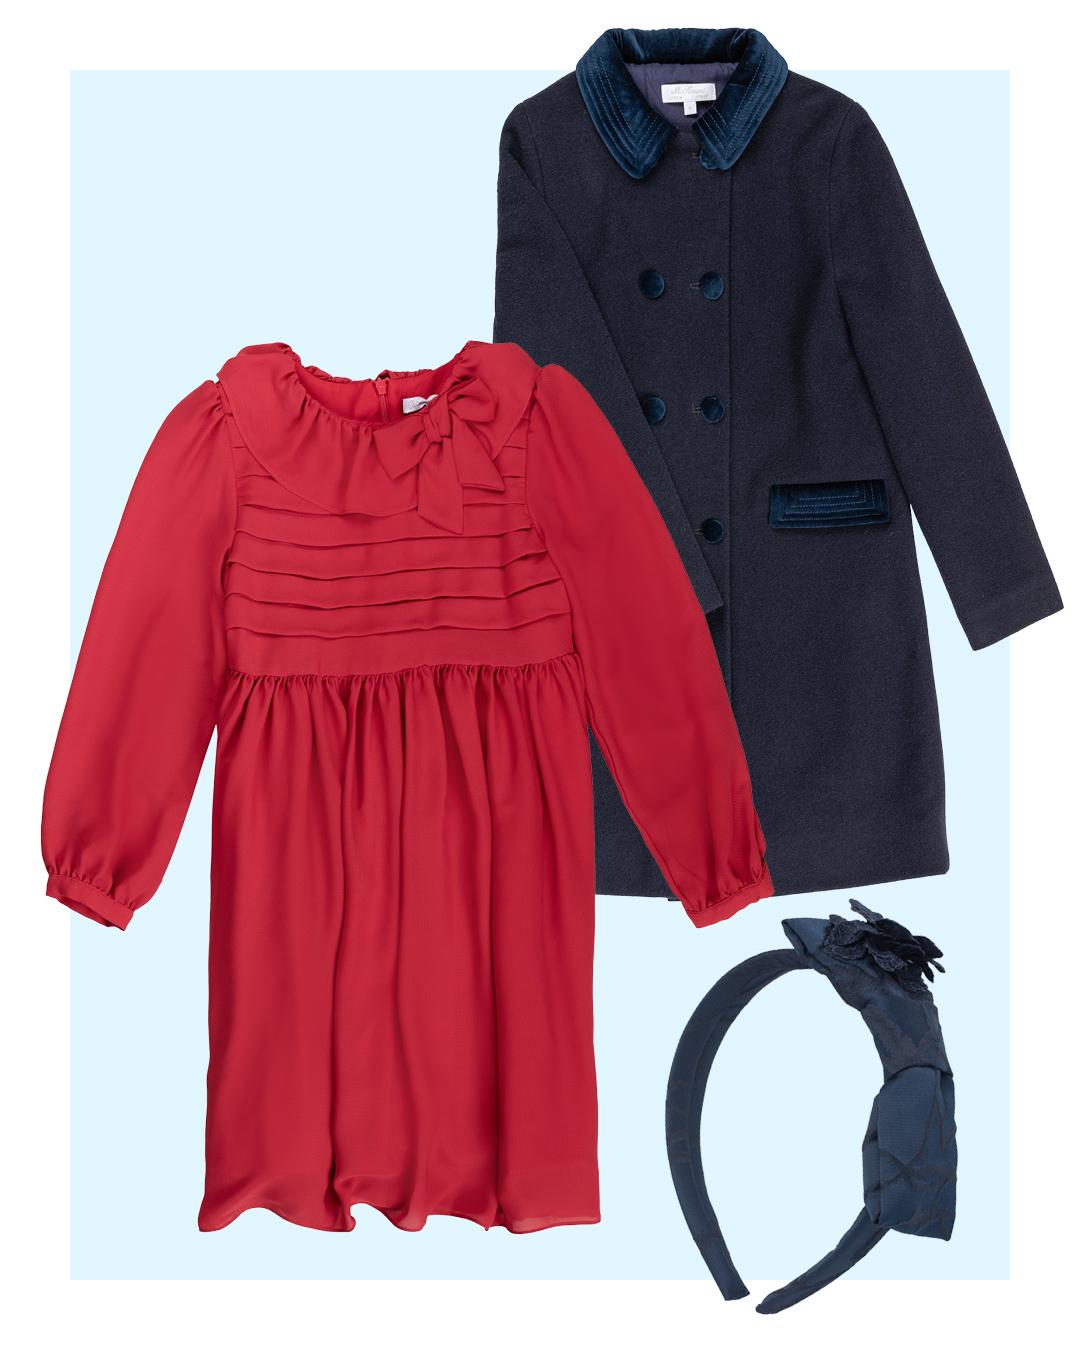 Barn outfits sammensatt8